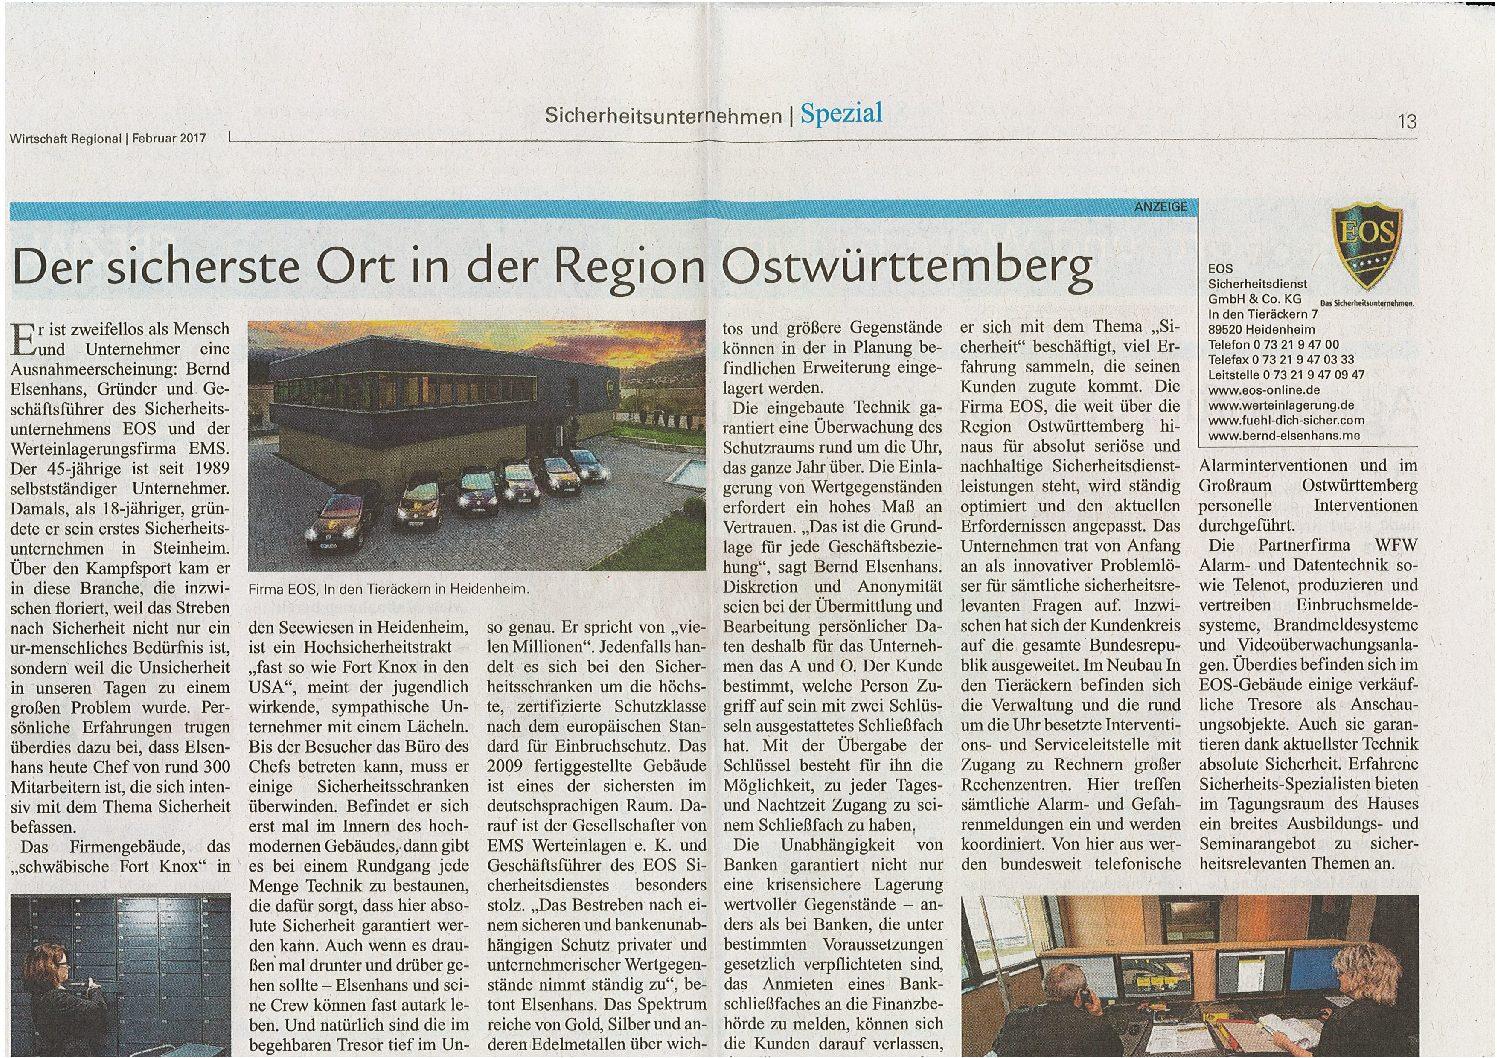 Der sicherste Ort in der Region Ostwürttemberg